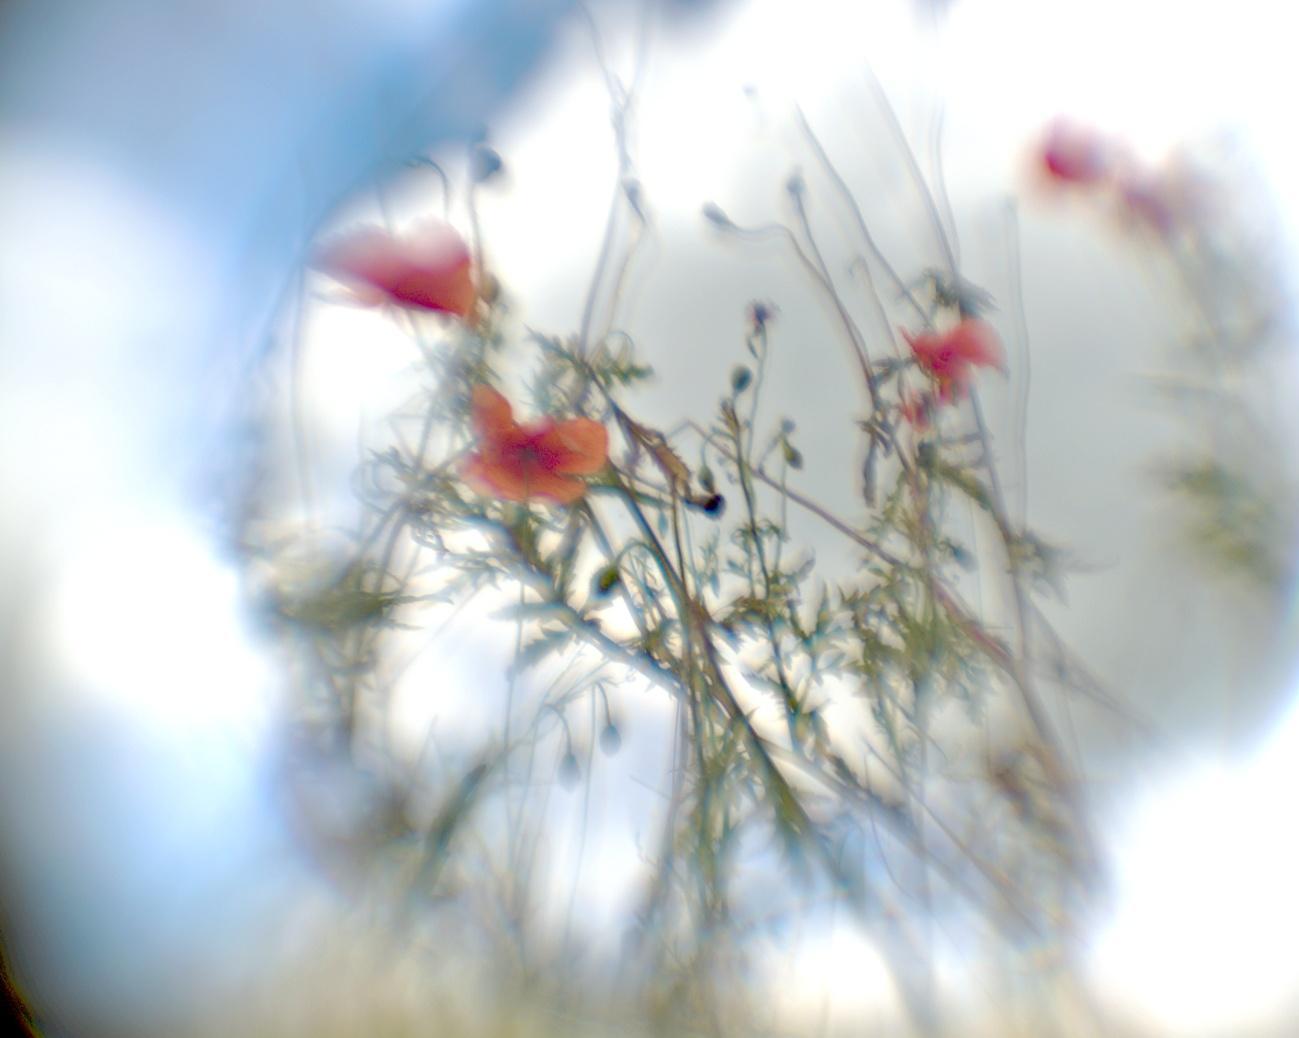 Zum Tagesabschluss -- Kollimator reloaded — Mohnblüten mit verschiedenen Blendenstufen